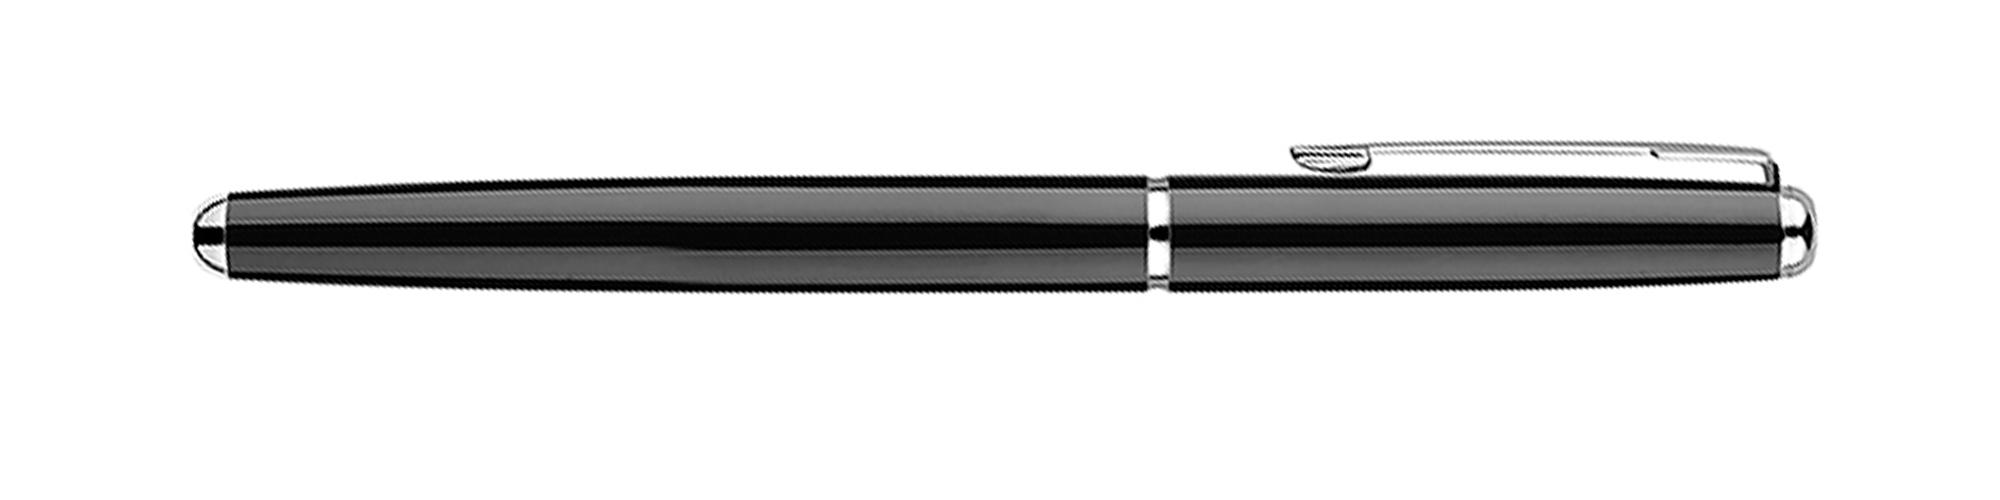 Metalowe długopisy reklamowe – 19576